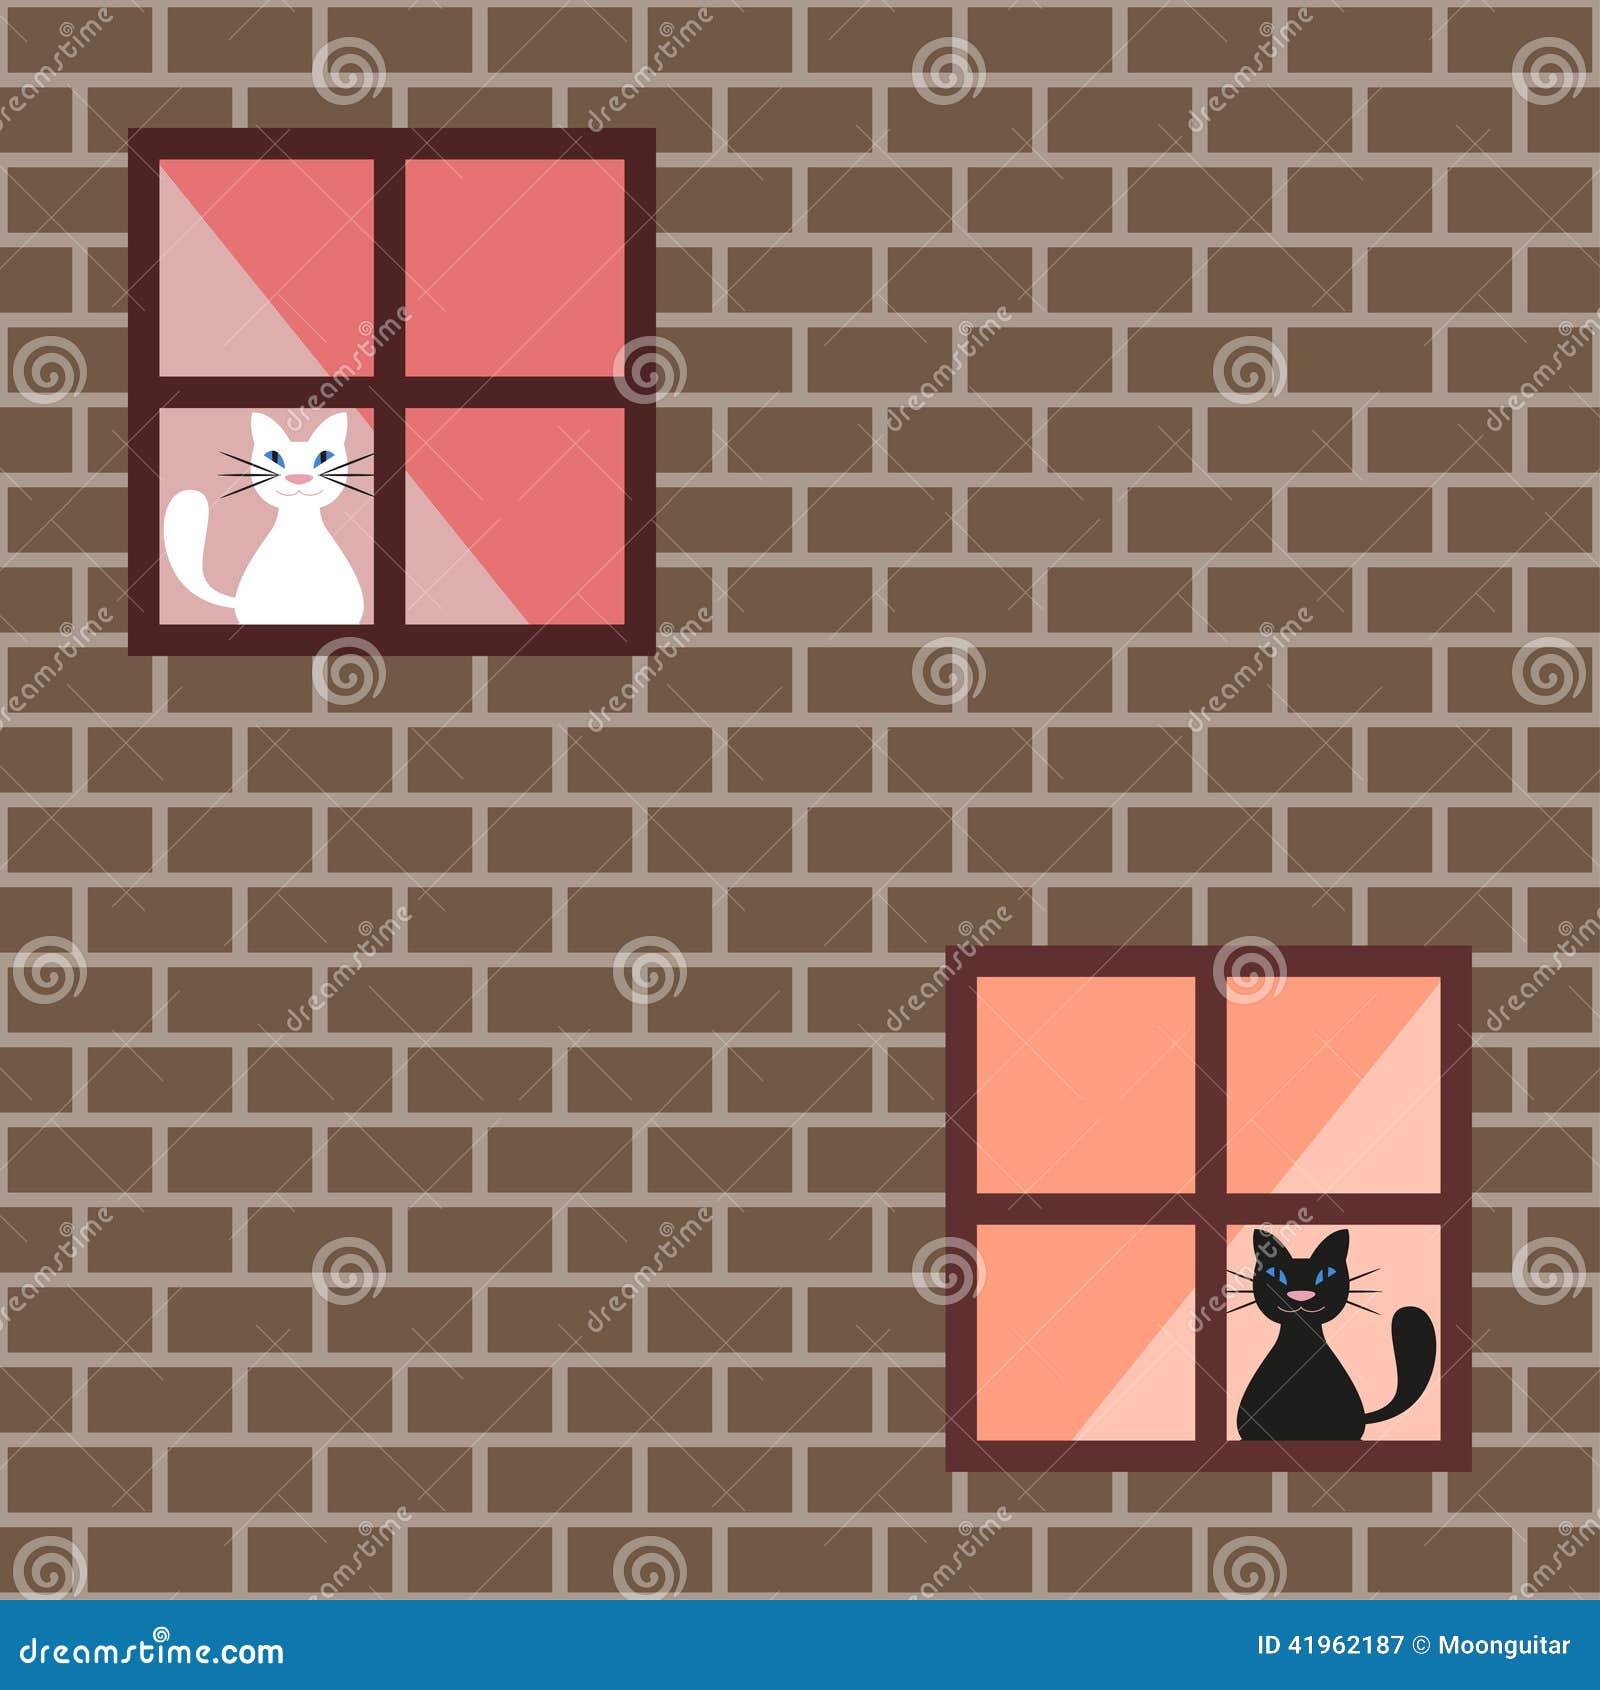 Mod le sans couture de chats dans des fen tres de maison chats derri re ride - Image rideaux maison ...